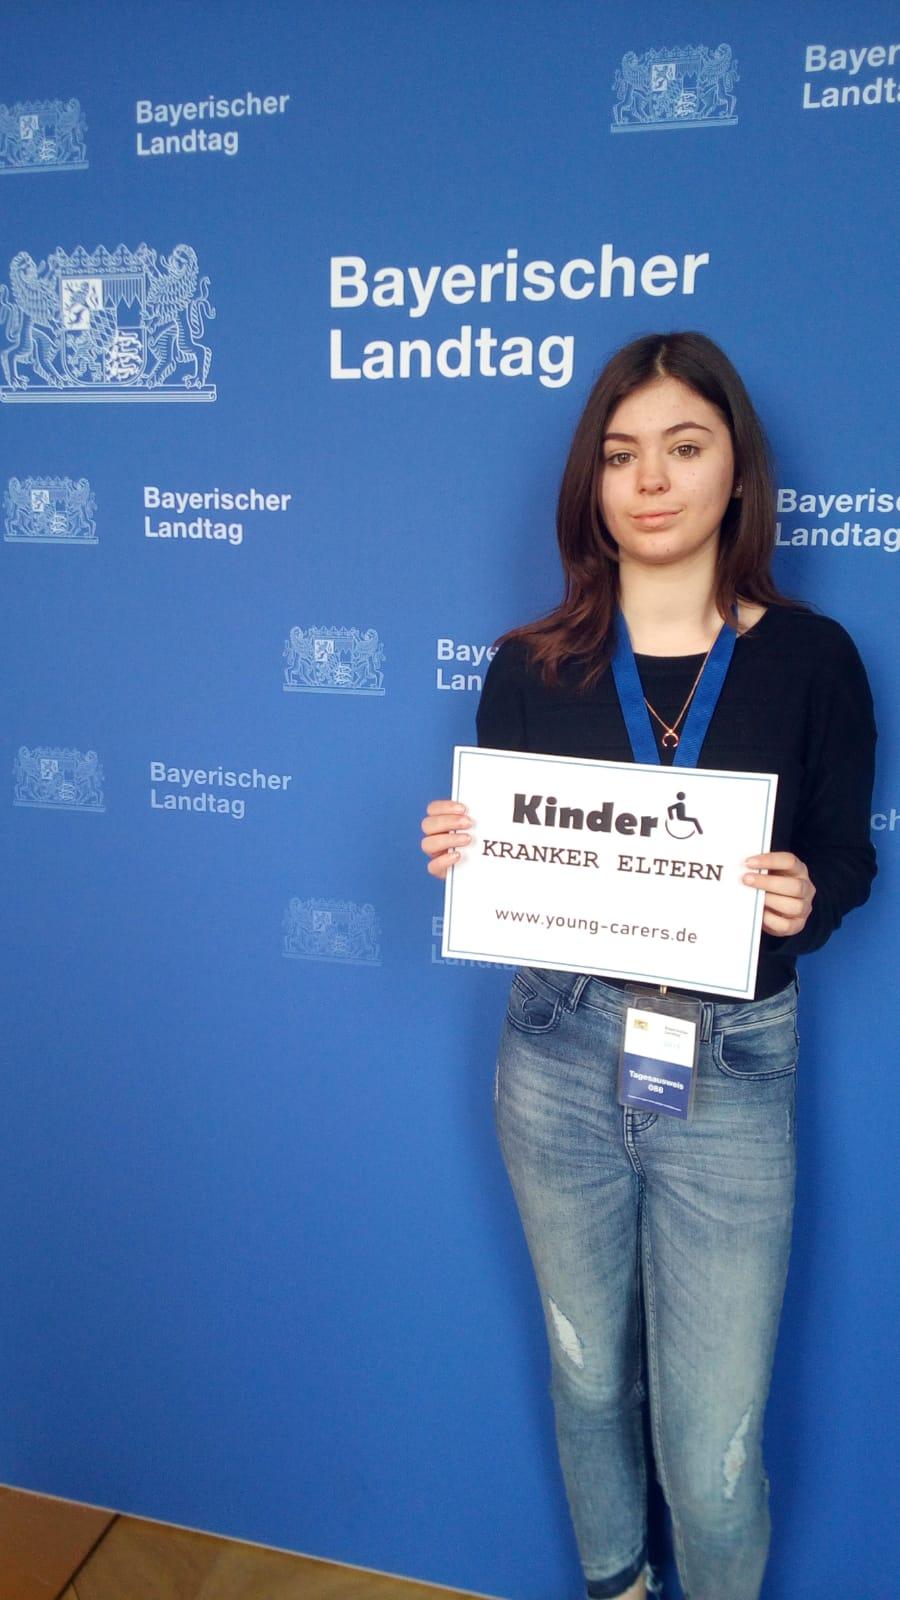 Youngcarer, pflegende, Kinder, pflegende Jugendliche, Kinder kranker Eltern Politik Landtag